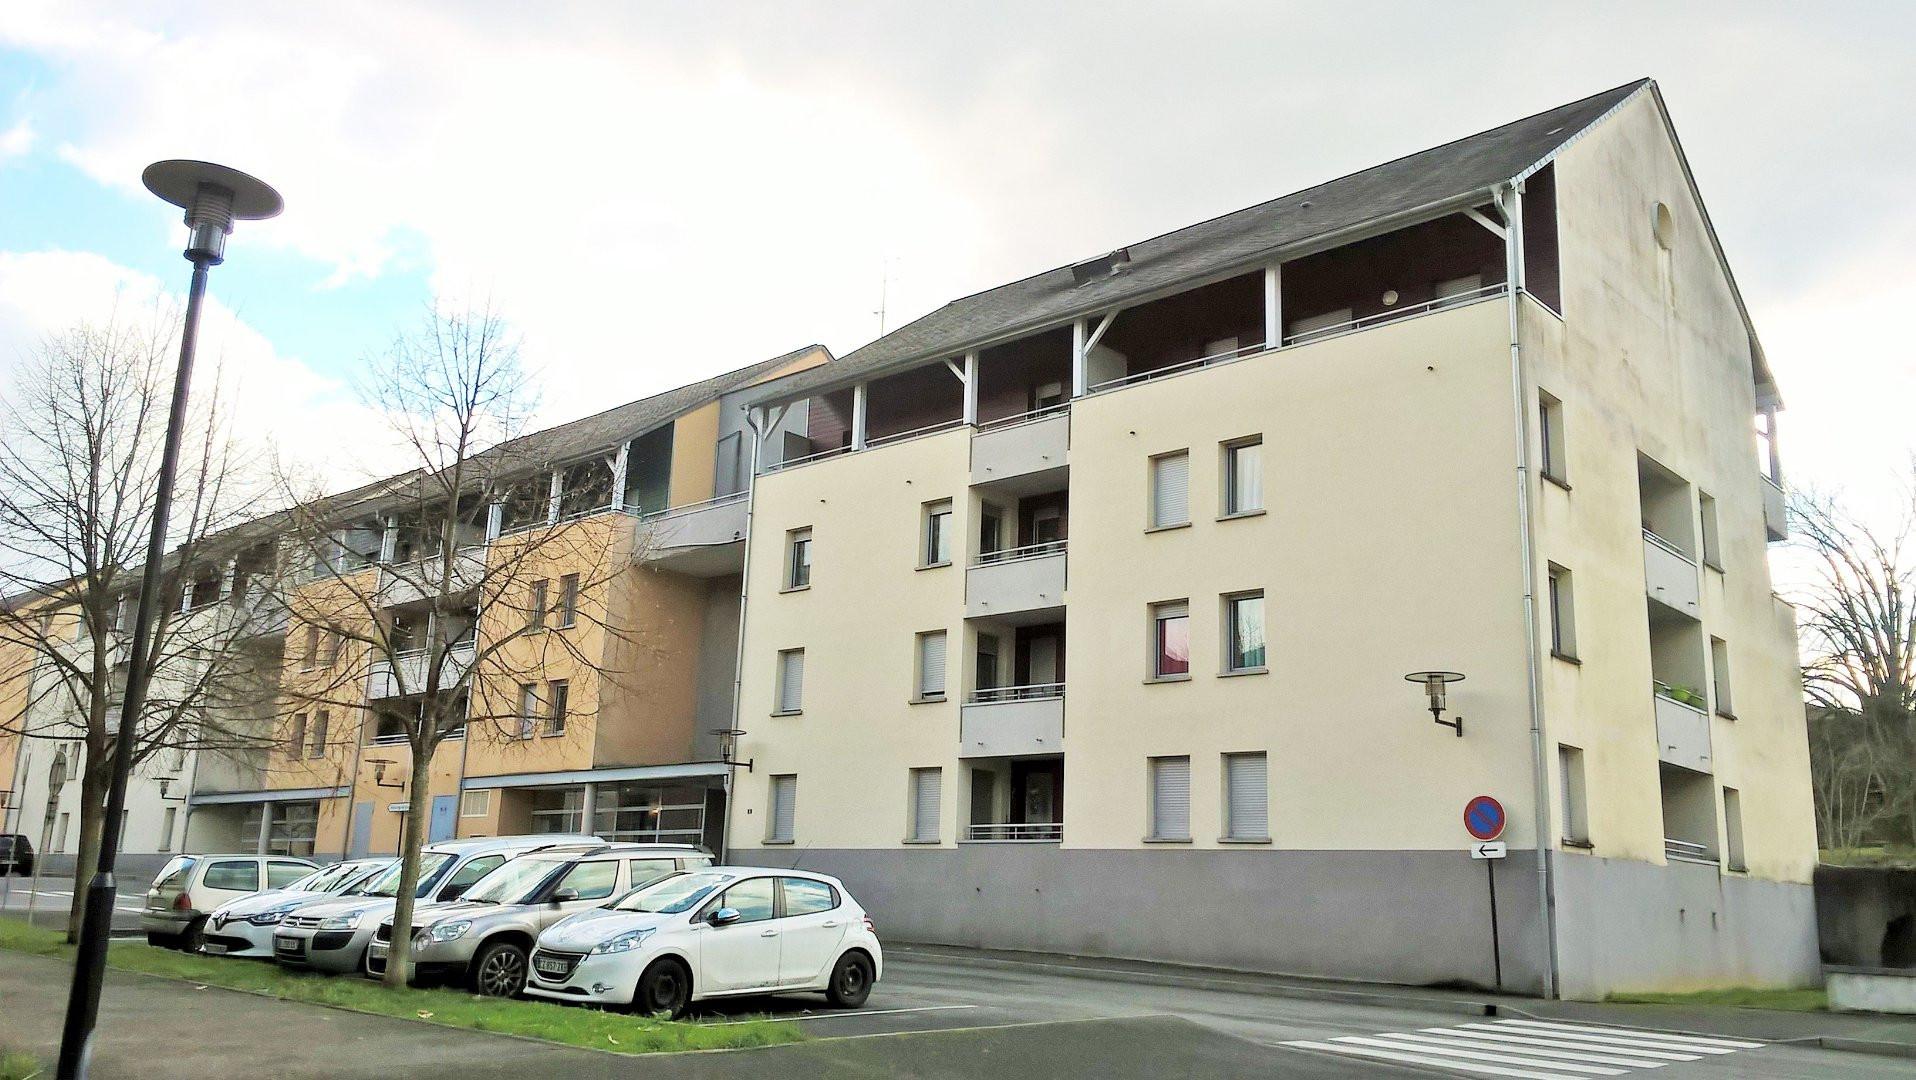 appartement-T4-oloron sainte marie,64-photo1